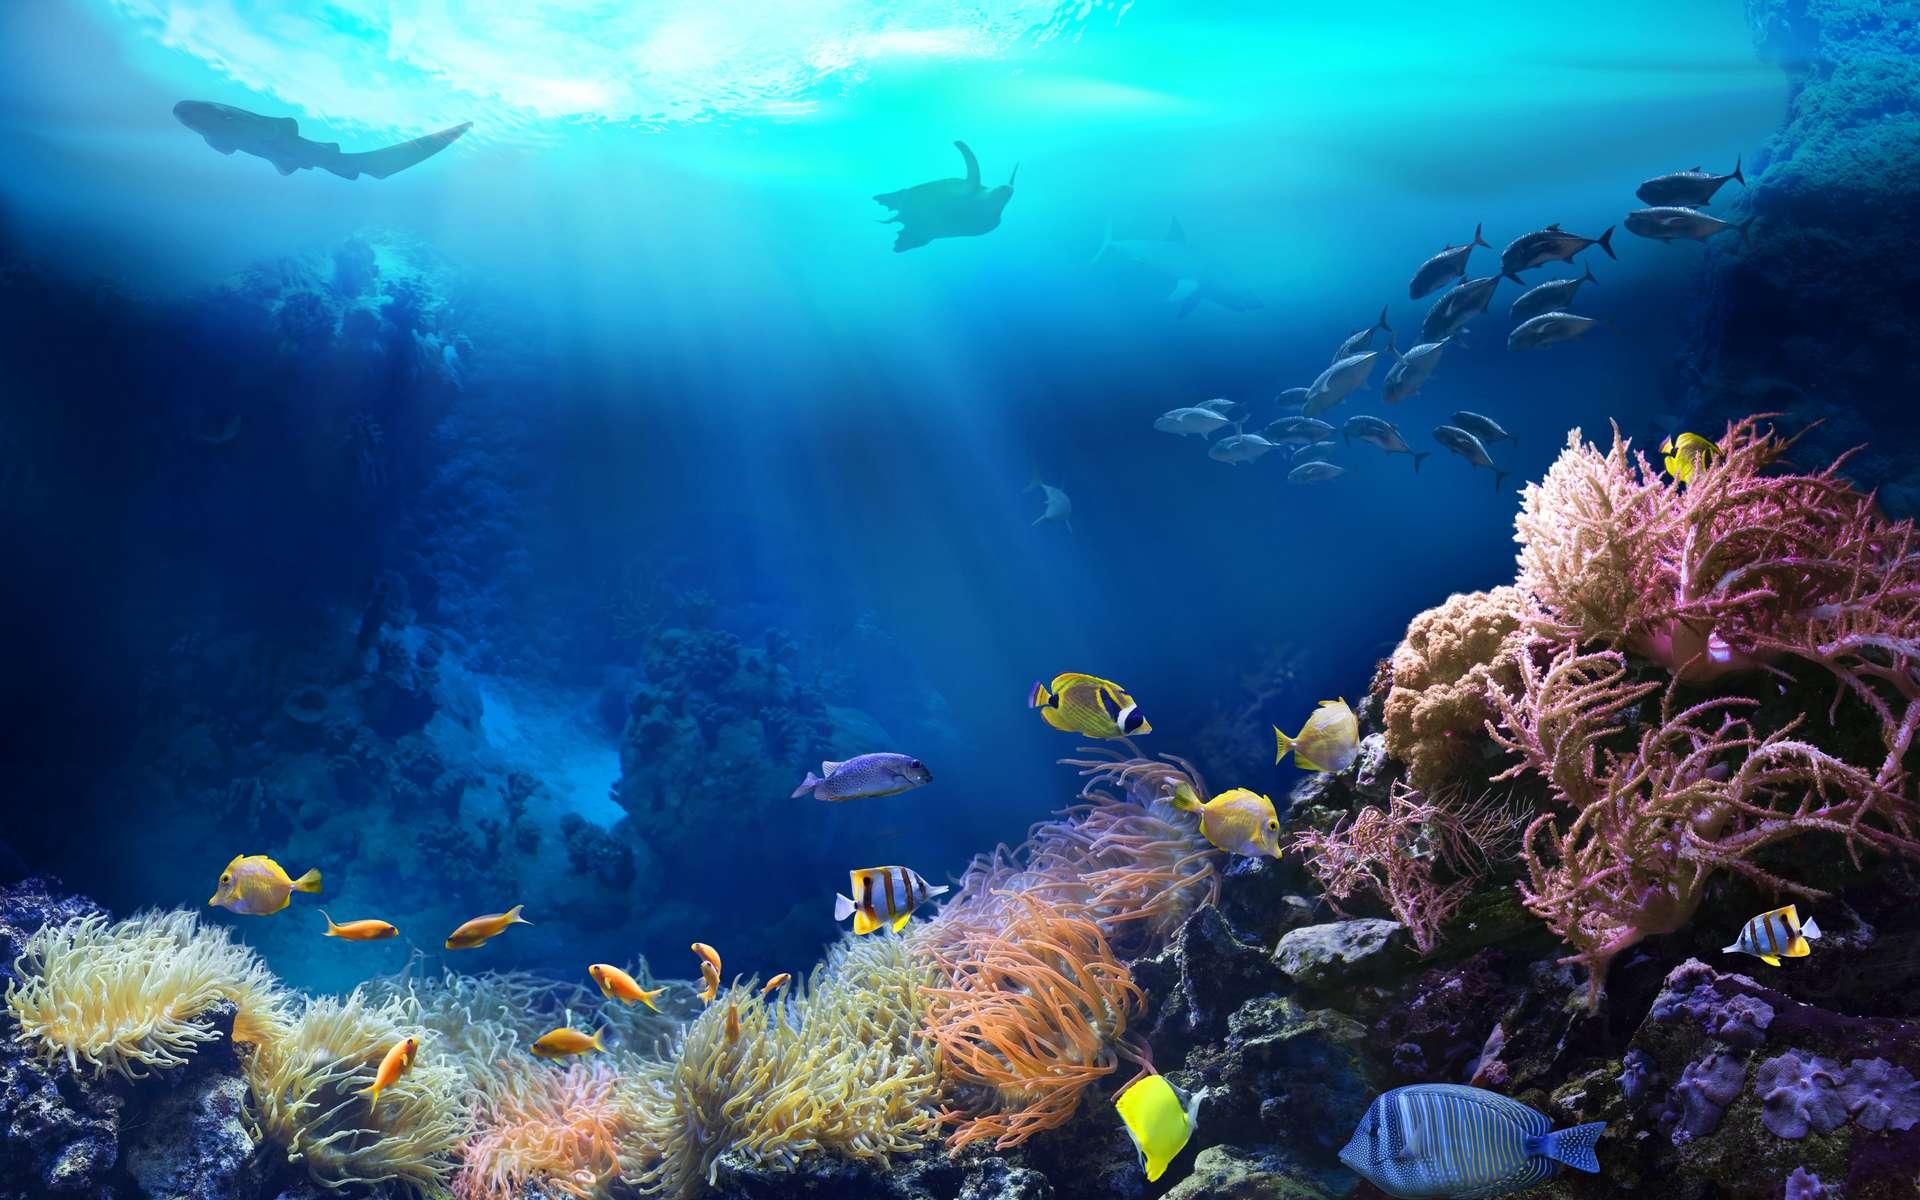 Les coraux verts sont les plus résistants face au blanchissement - Futura